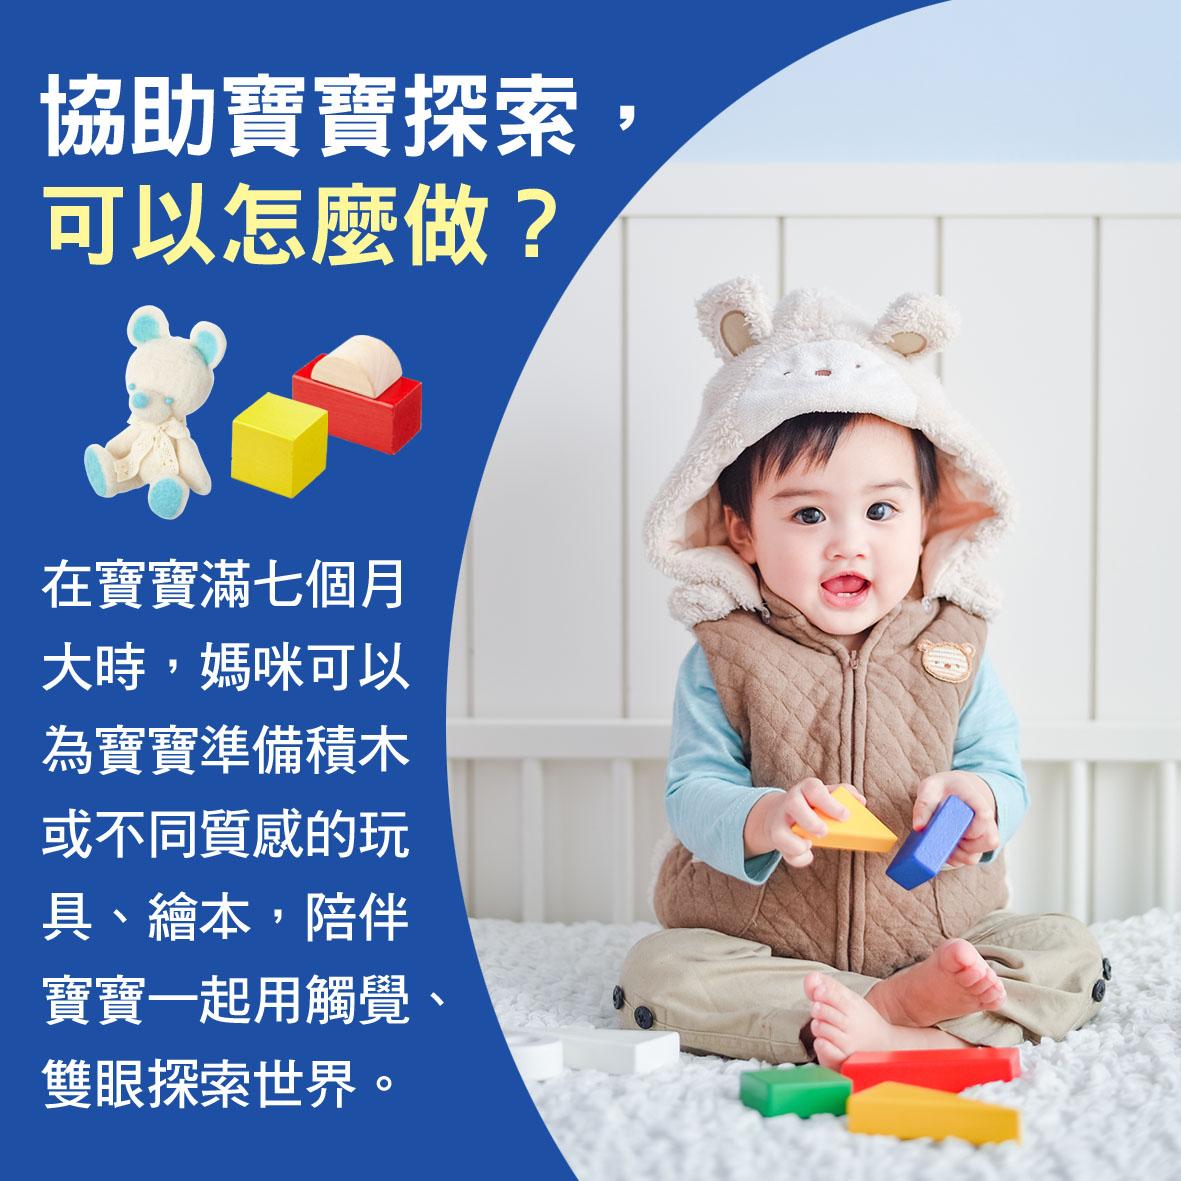 寶寶篇第28週-協助寶寶探索可以怎麼做?